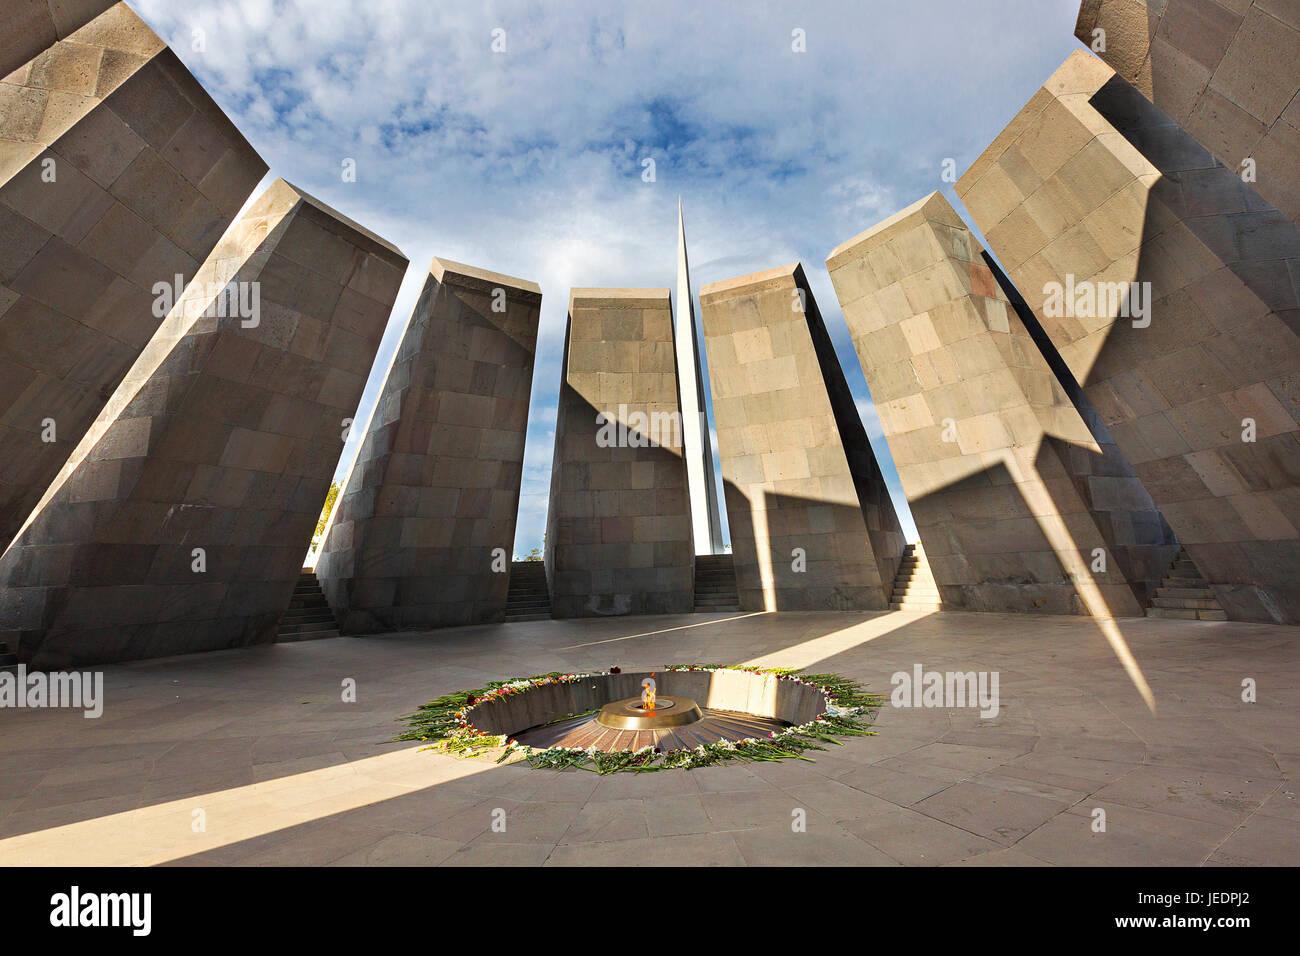 Genocide memorial in Yerevan, Armenia. - Stock Image